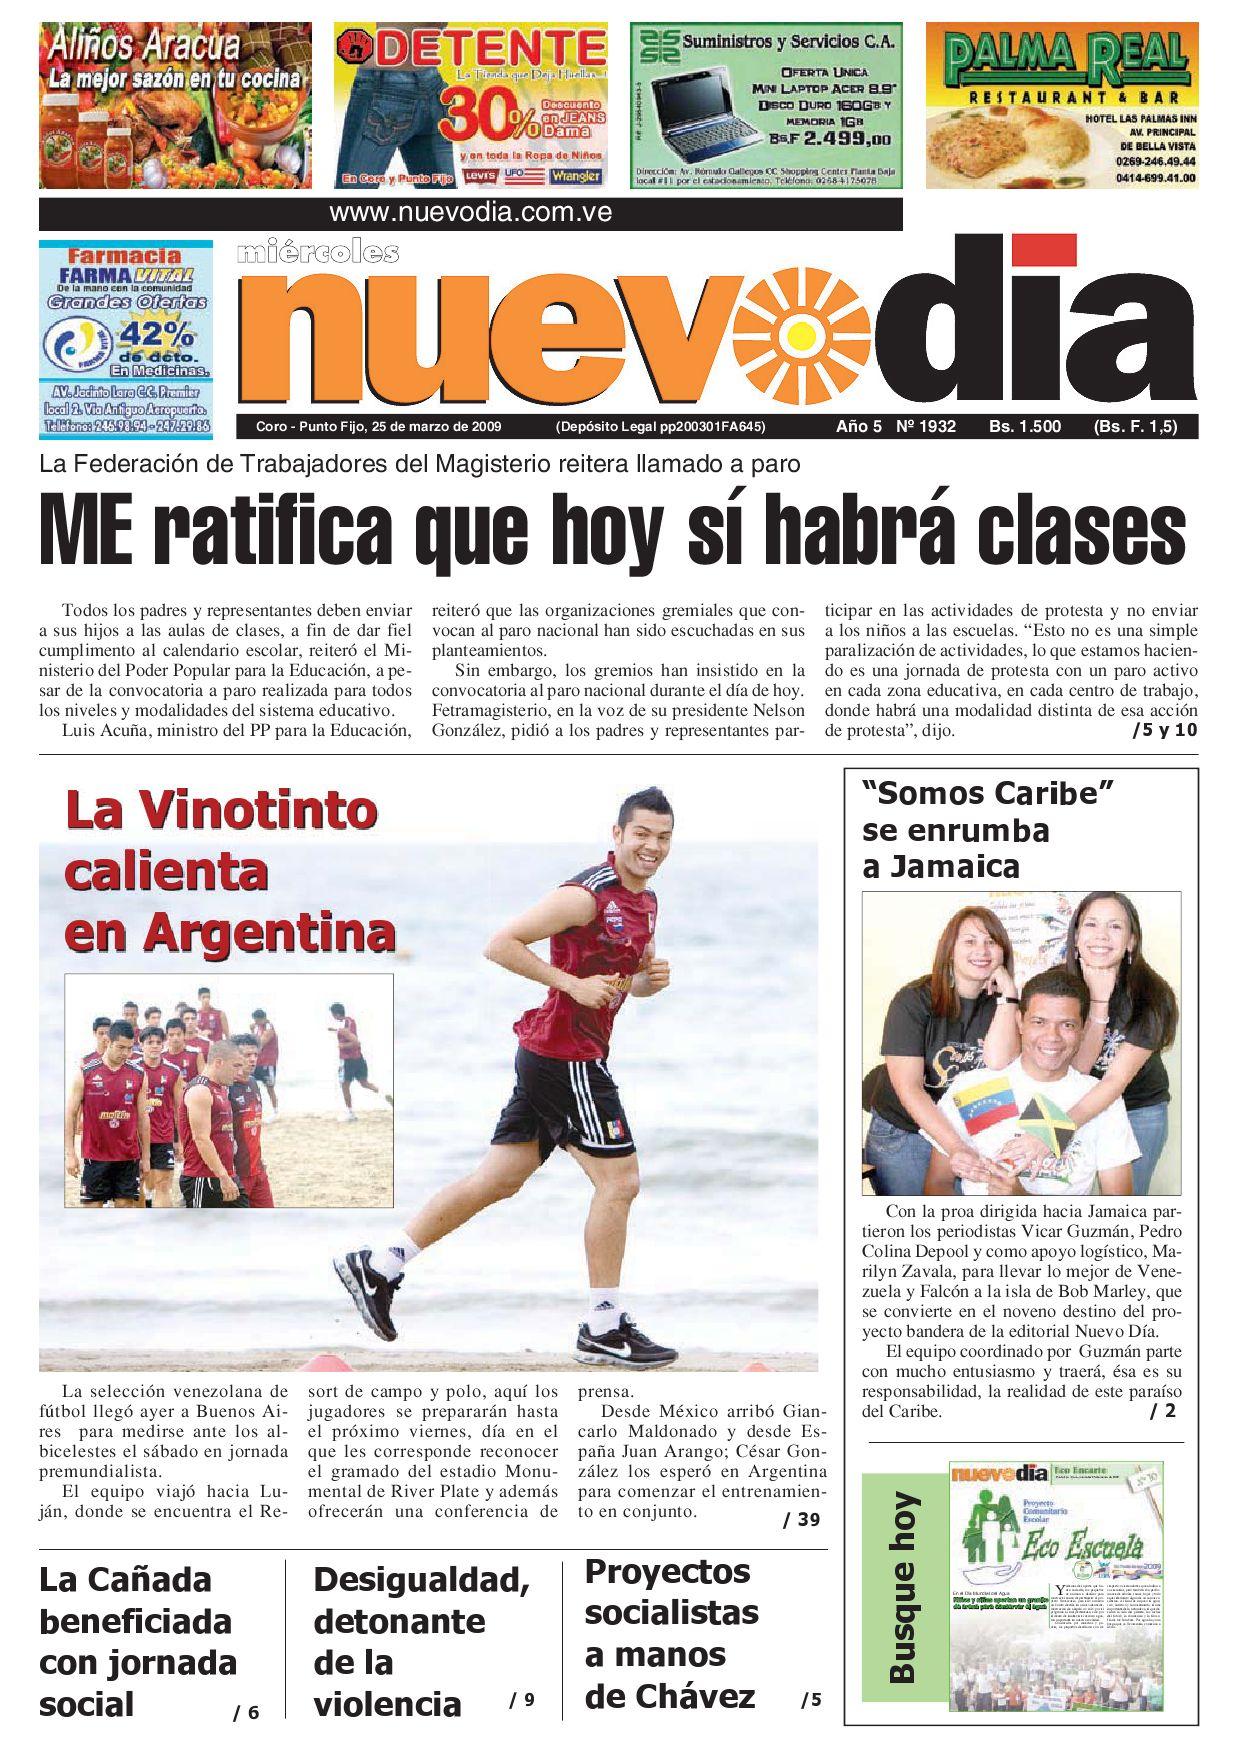 Diario Nuevodia Miércoles 25-03-2009 by Diario Nuevo Día - issuu